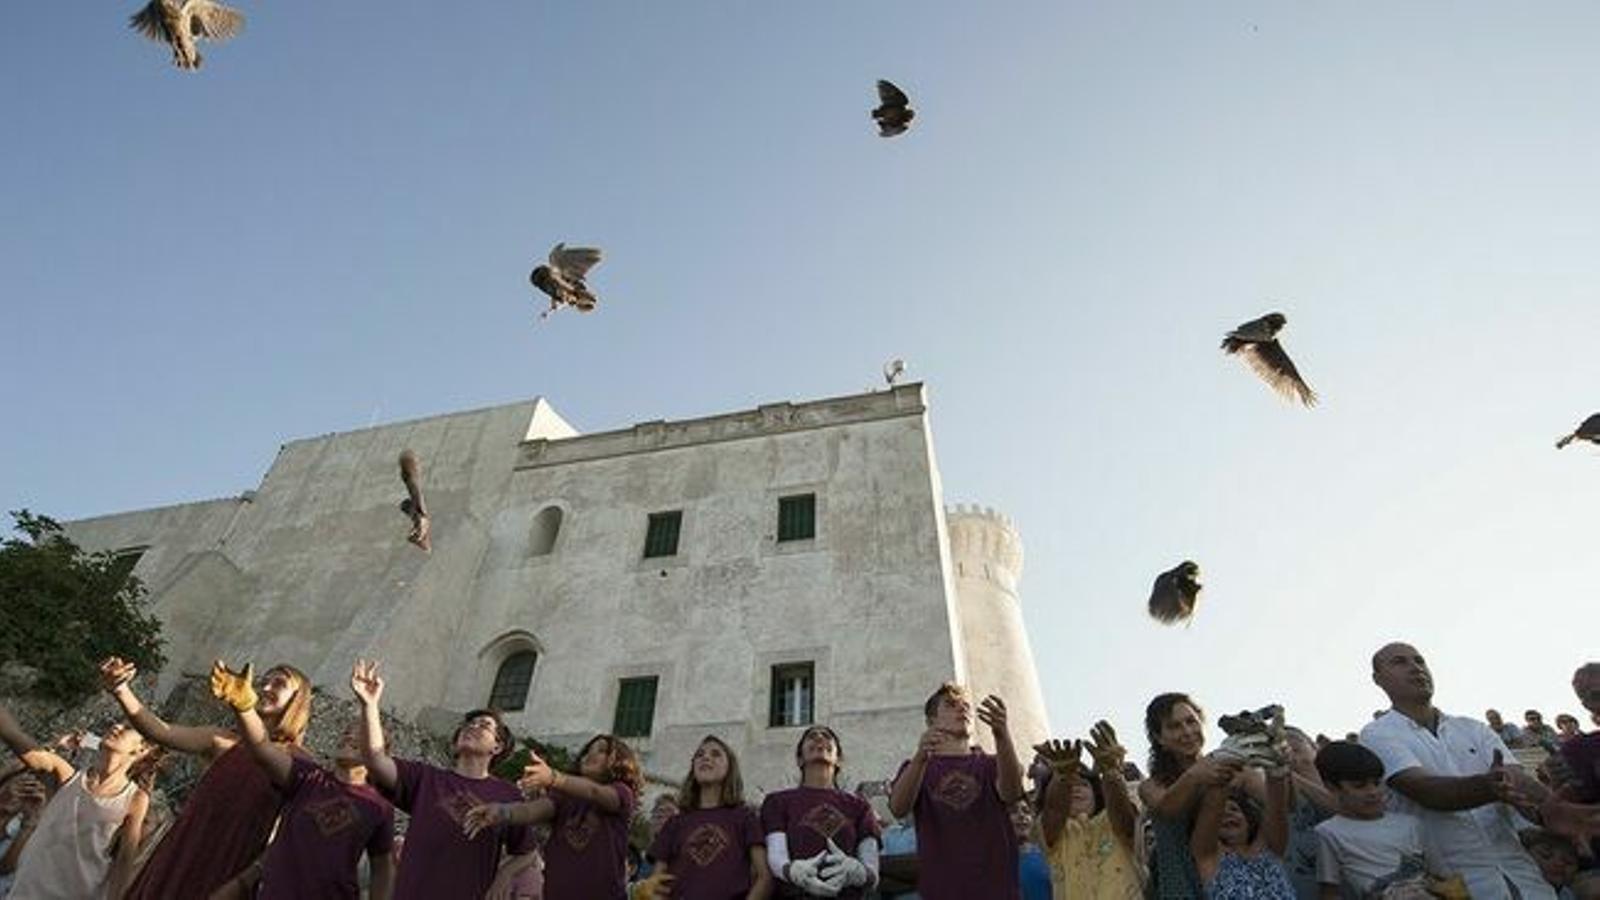 L'alliberament d'aus és fruit del treball que els voluntaris duen a terme a l'equipament situat a Ciutadella.